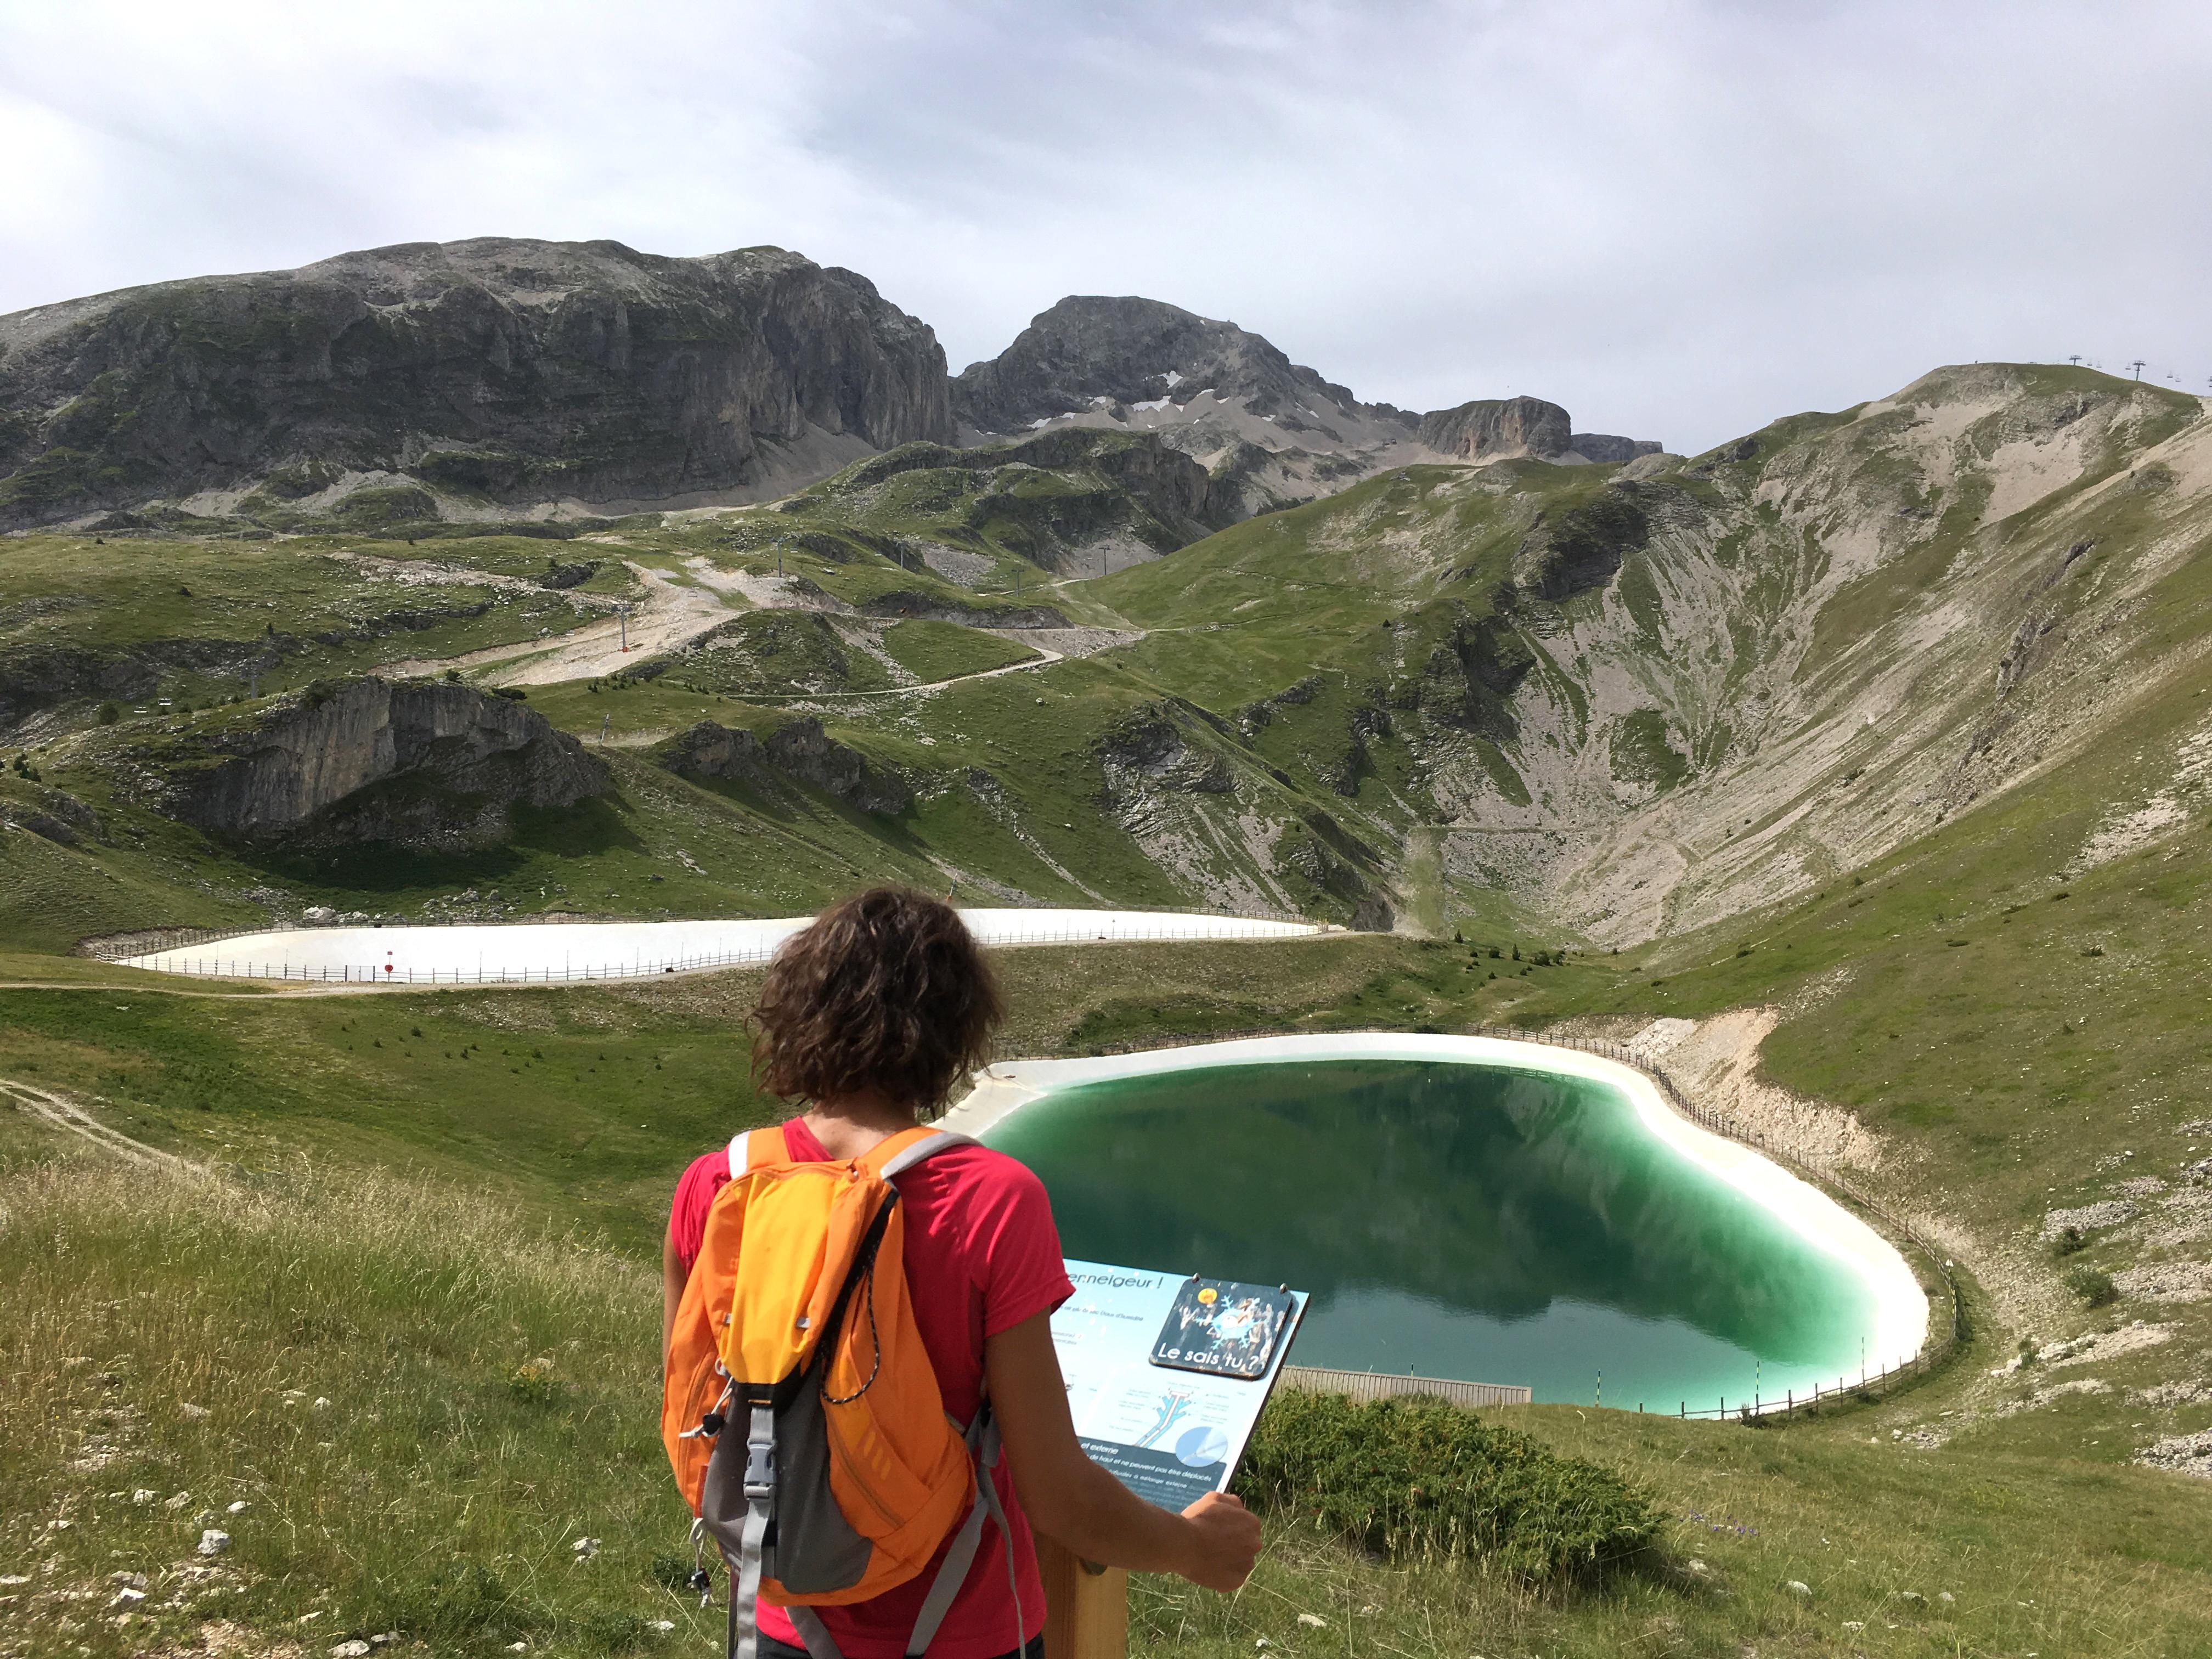 Sentier thématique à la découverte des retenues collinaires, massif du Dévoluy, Hautes-Alpes